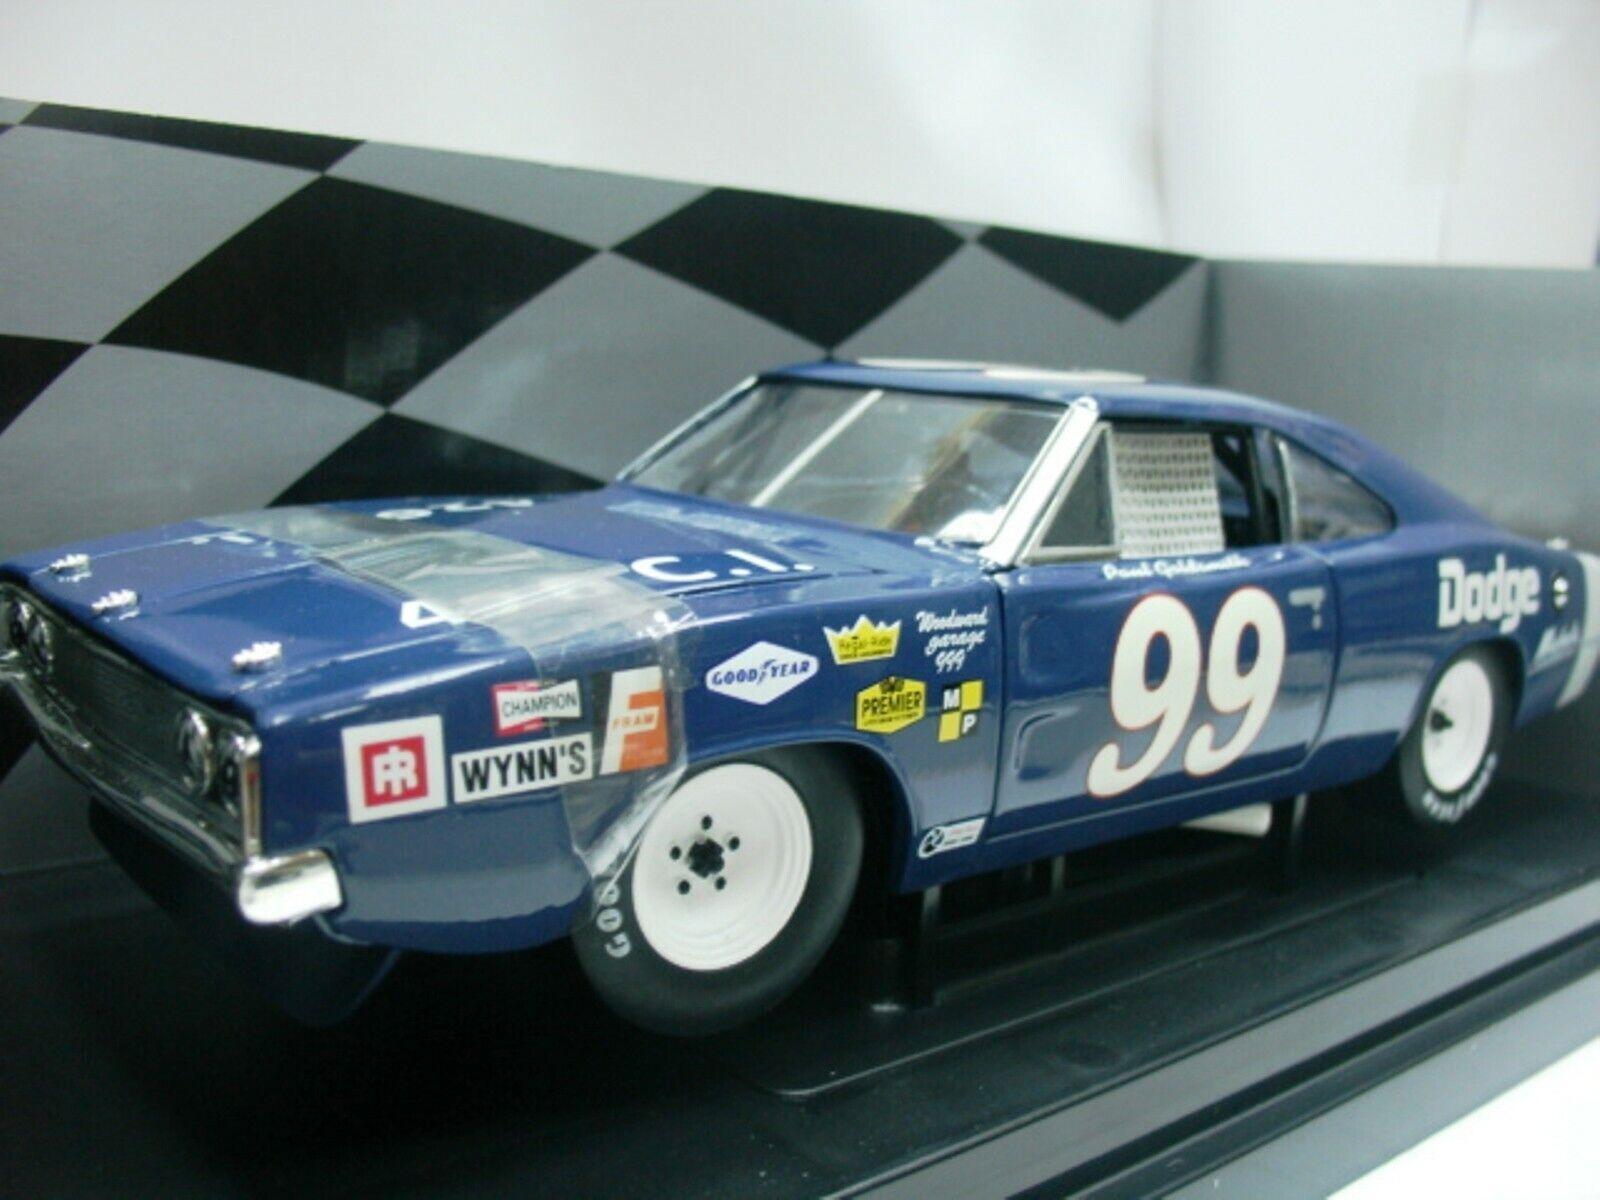 Wow extrêmement rare Dodge Chargeur 500  99 P. orsmith NASCAR 1969 1 18 RC2 ERTL